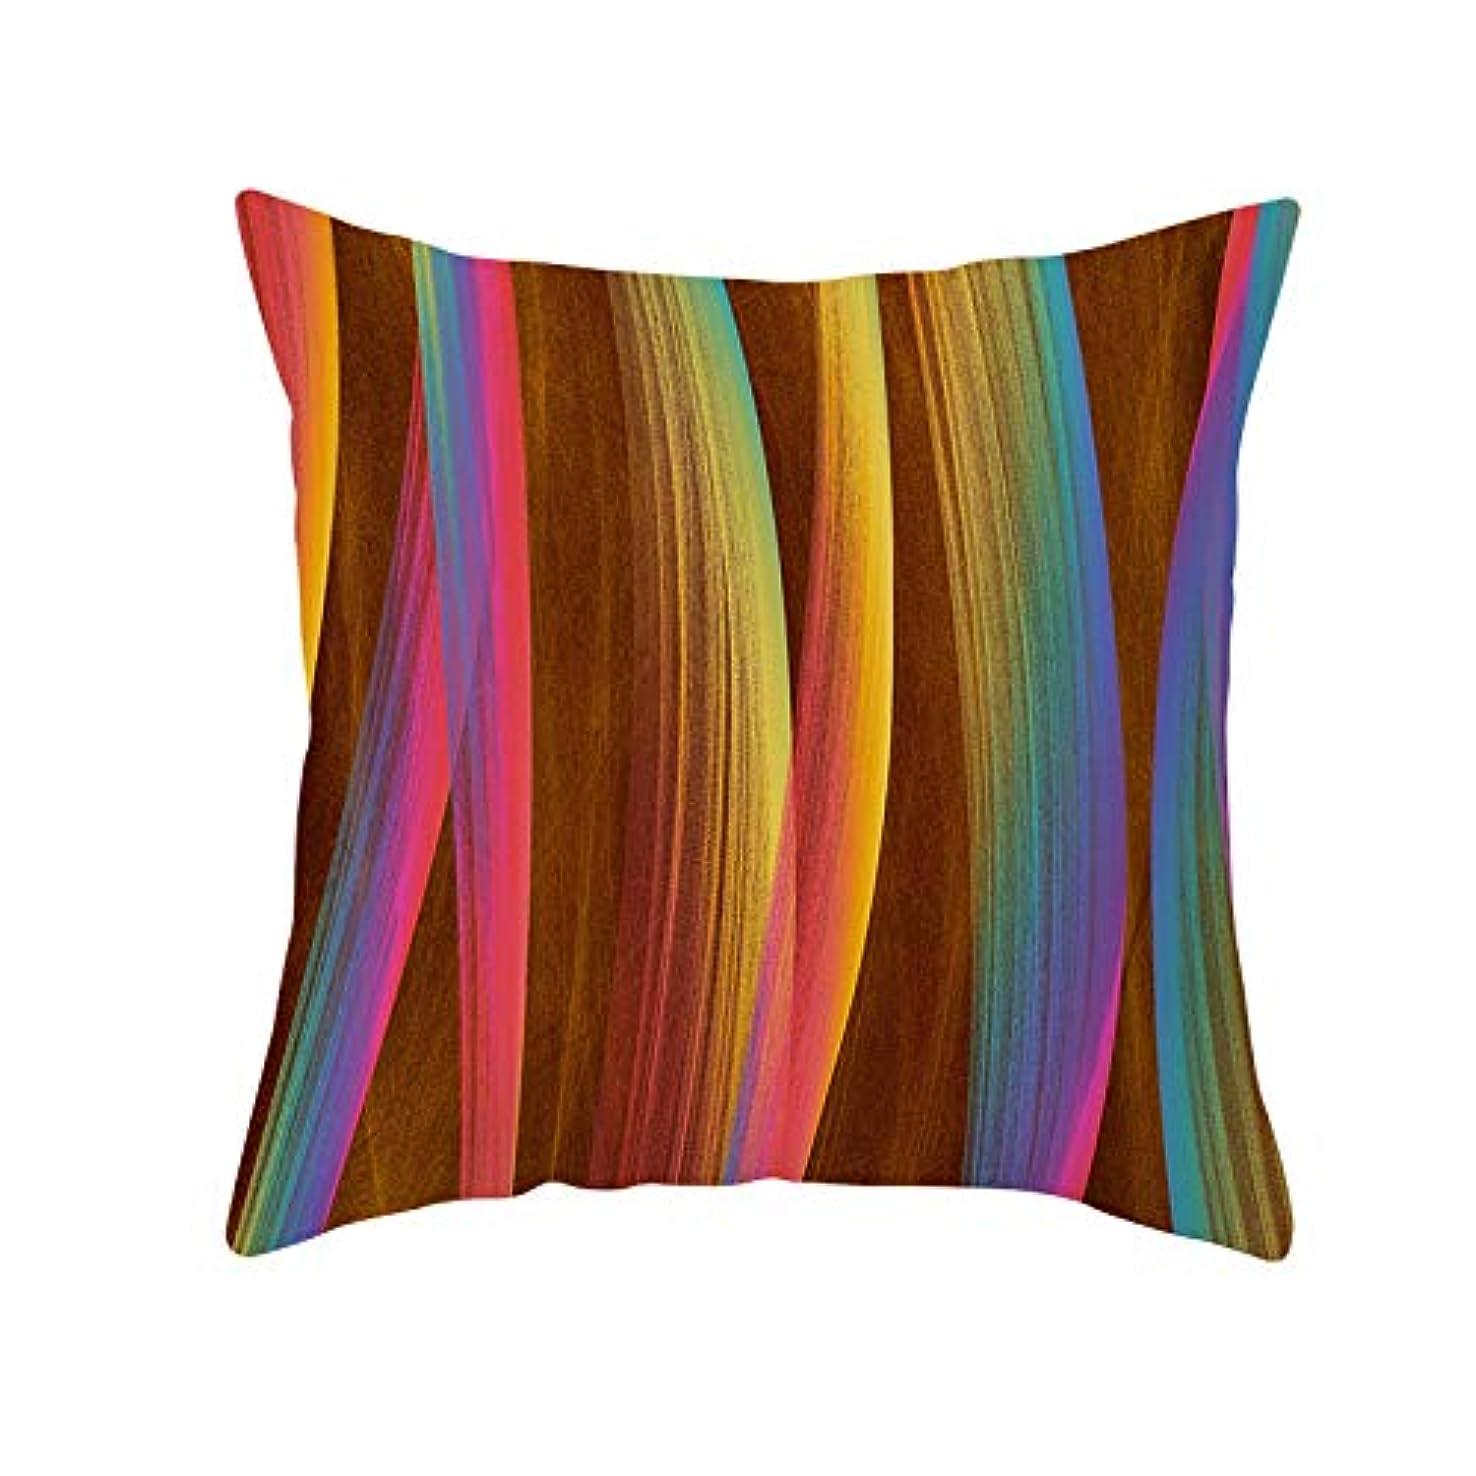 これまで同志できたLIFE 装飾クッションソファ 幾何学プリントポリエステル正方形の枕ソファスロークッション家の装飾 coussin デ長椅子 クッション 椅子